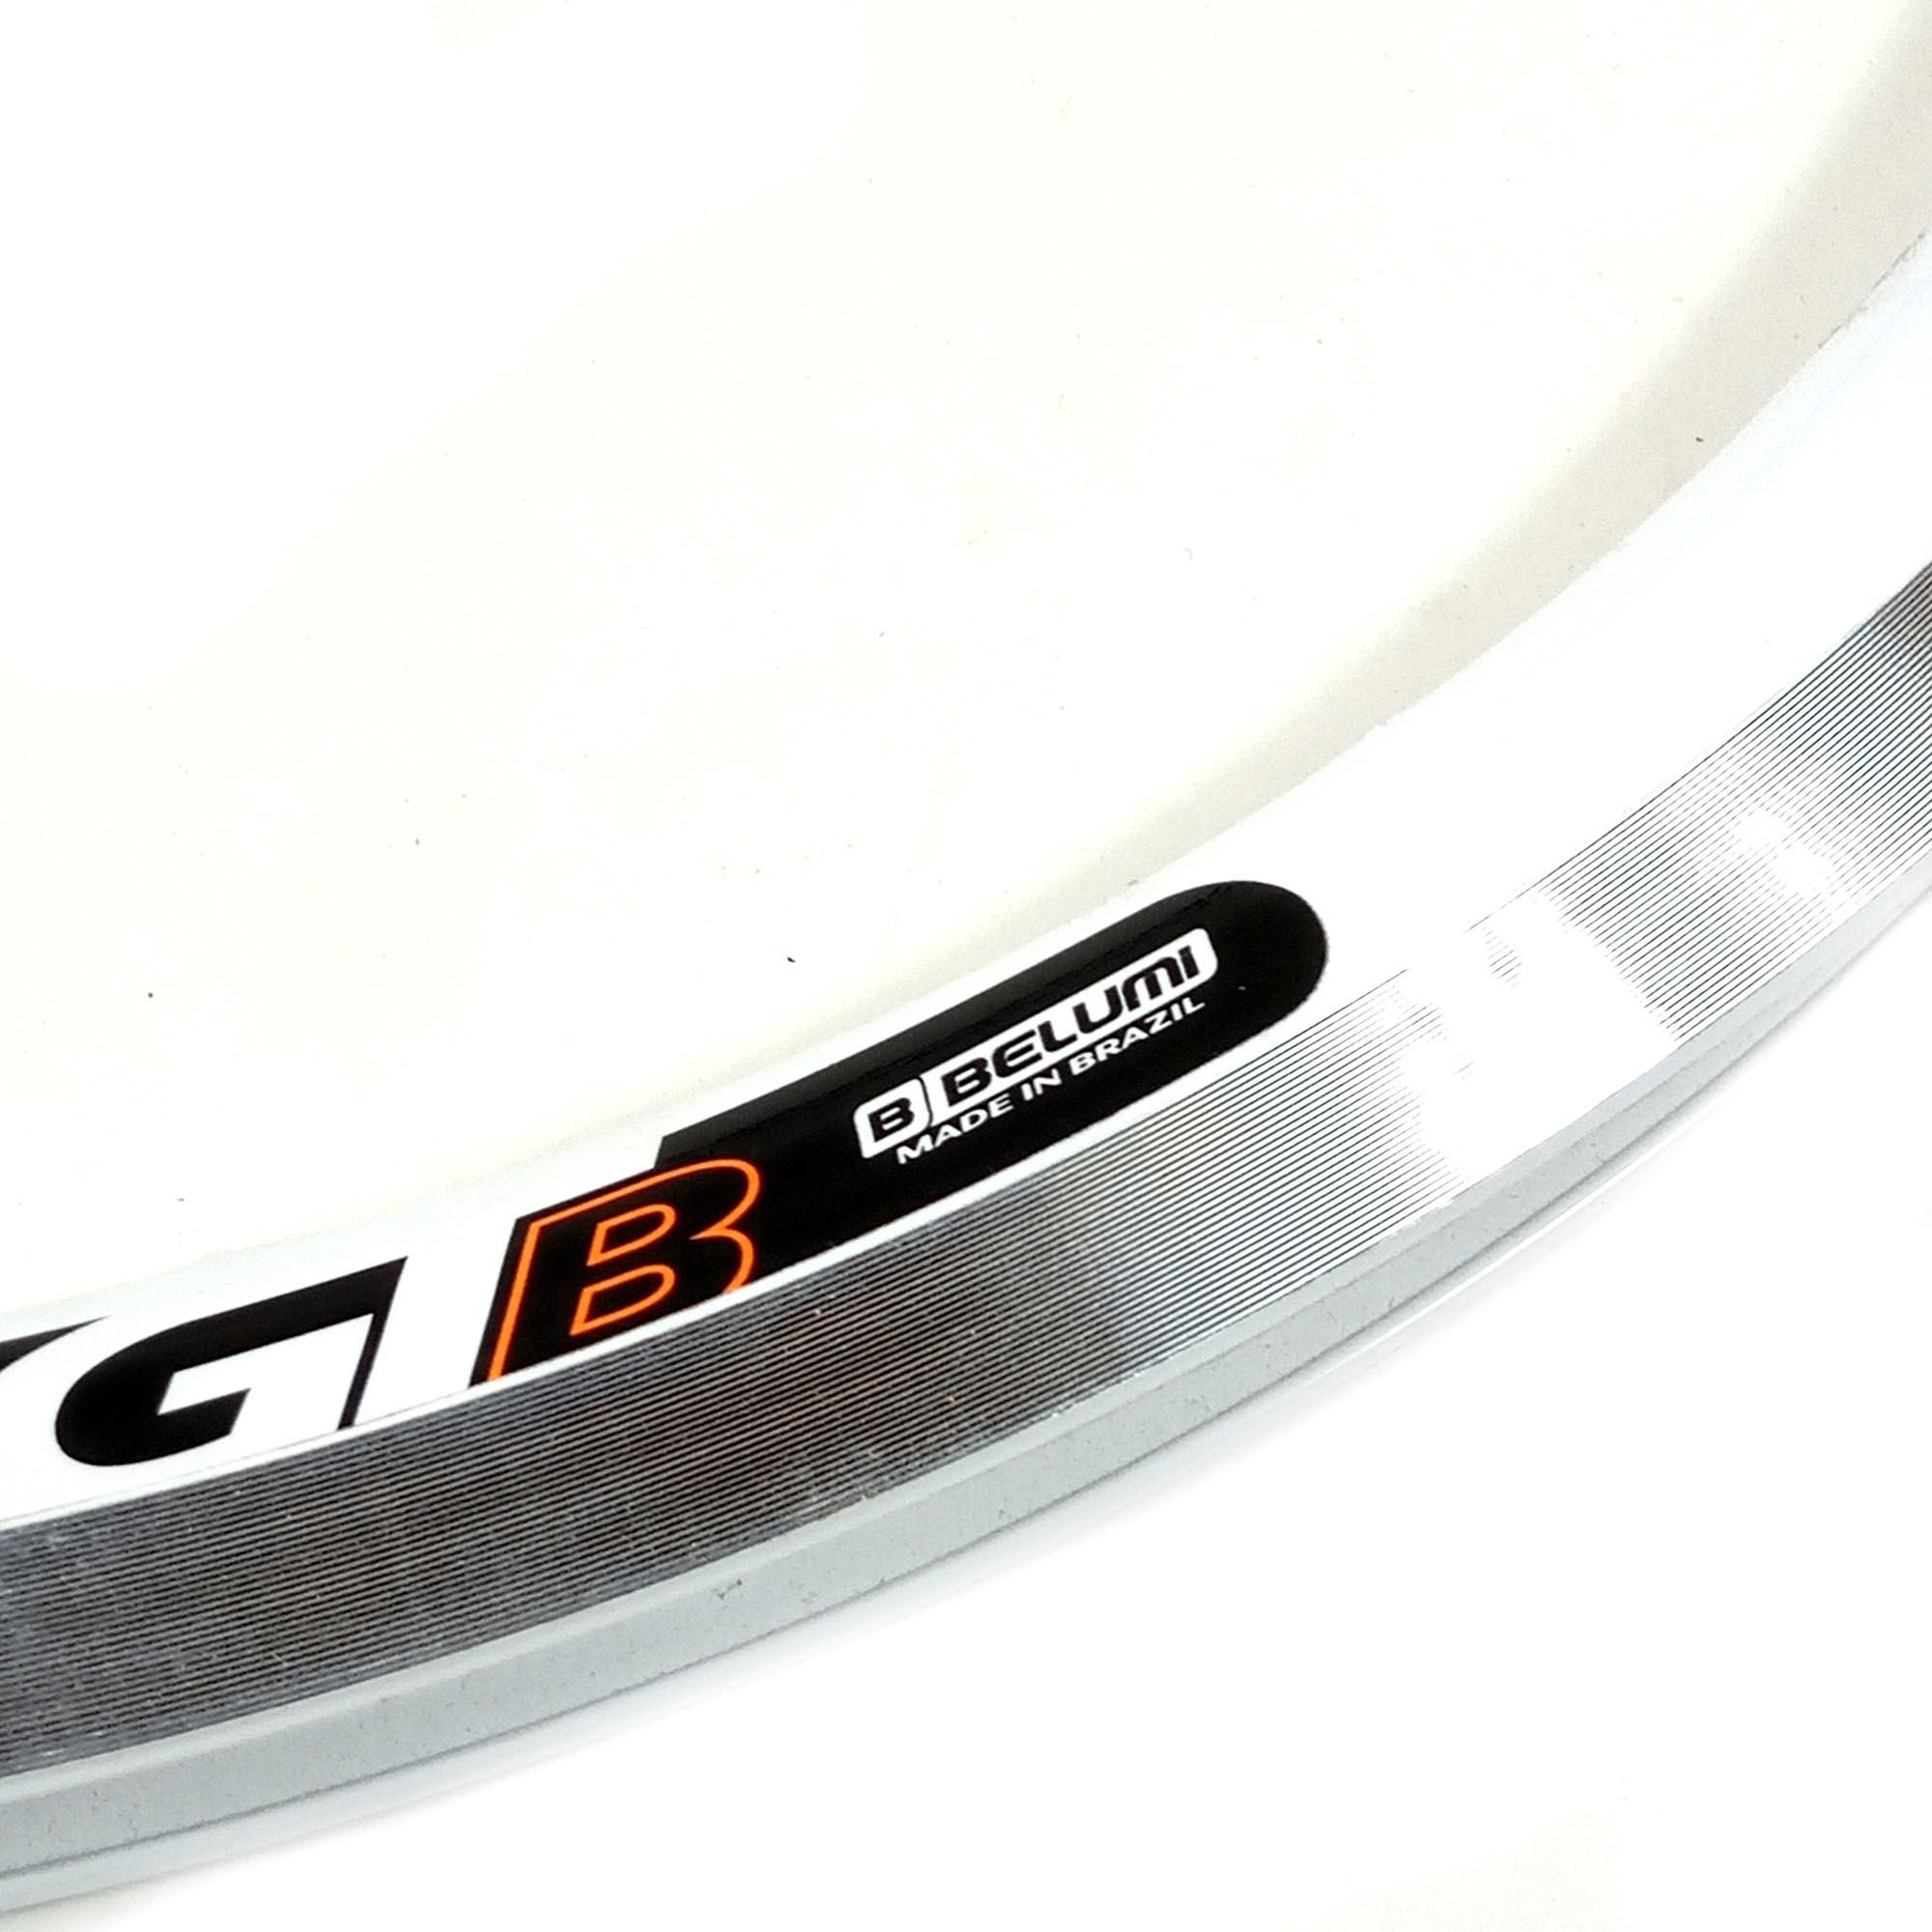 Aro de Bicicleta 20 Belumi Aluminio Aero 36f Branco